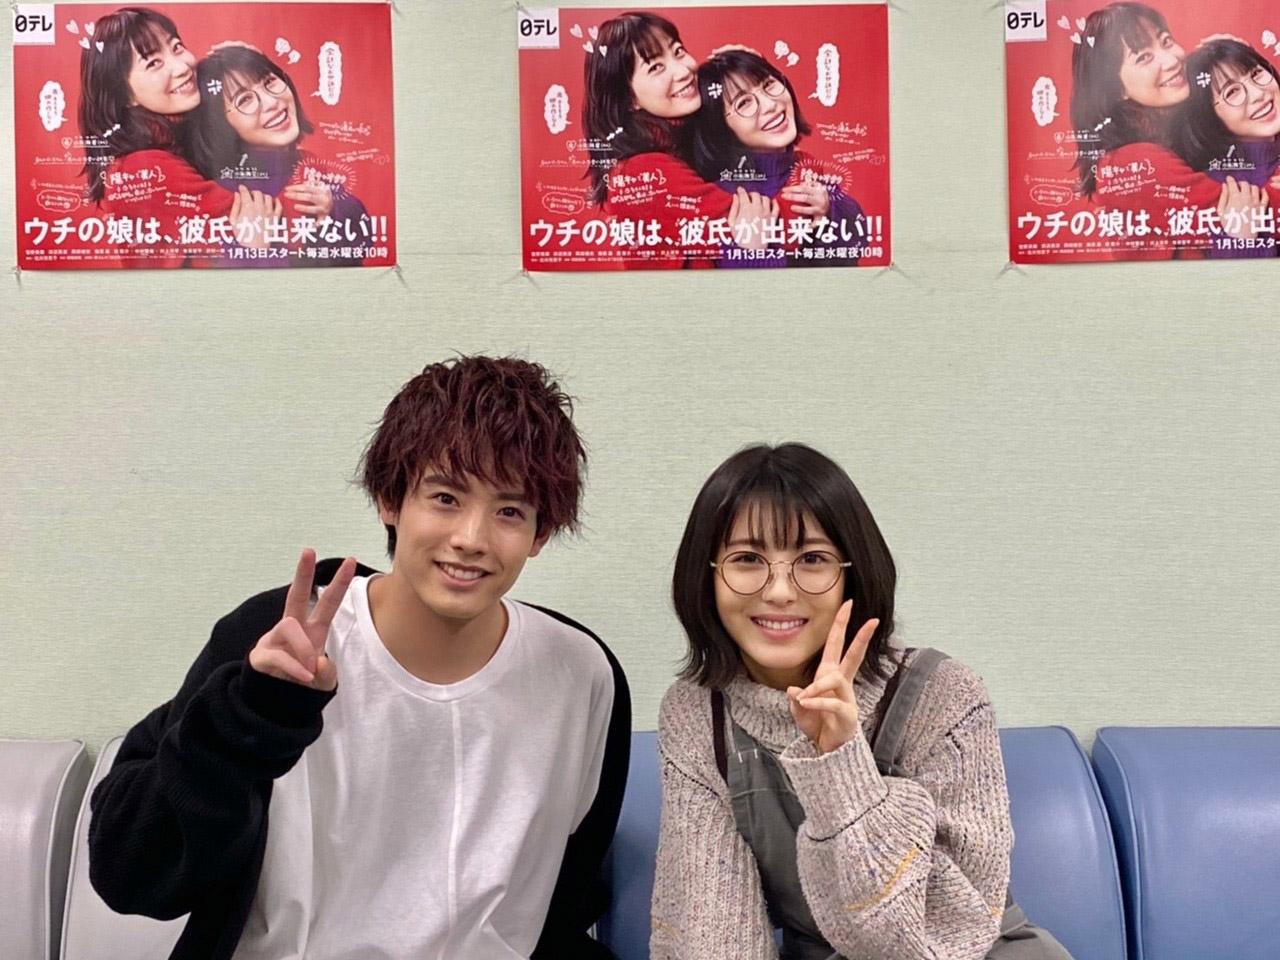 菅野美穂が主演する日本テレビ系「ウチの娘は、彼氏が出来ない!!」第4話に出演する赤楚衛二(左)と浜辺美波